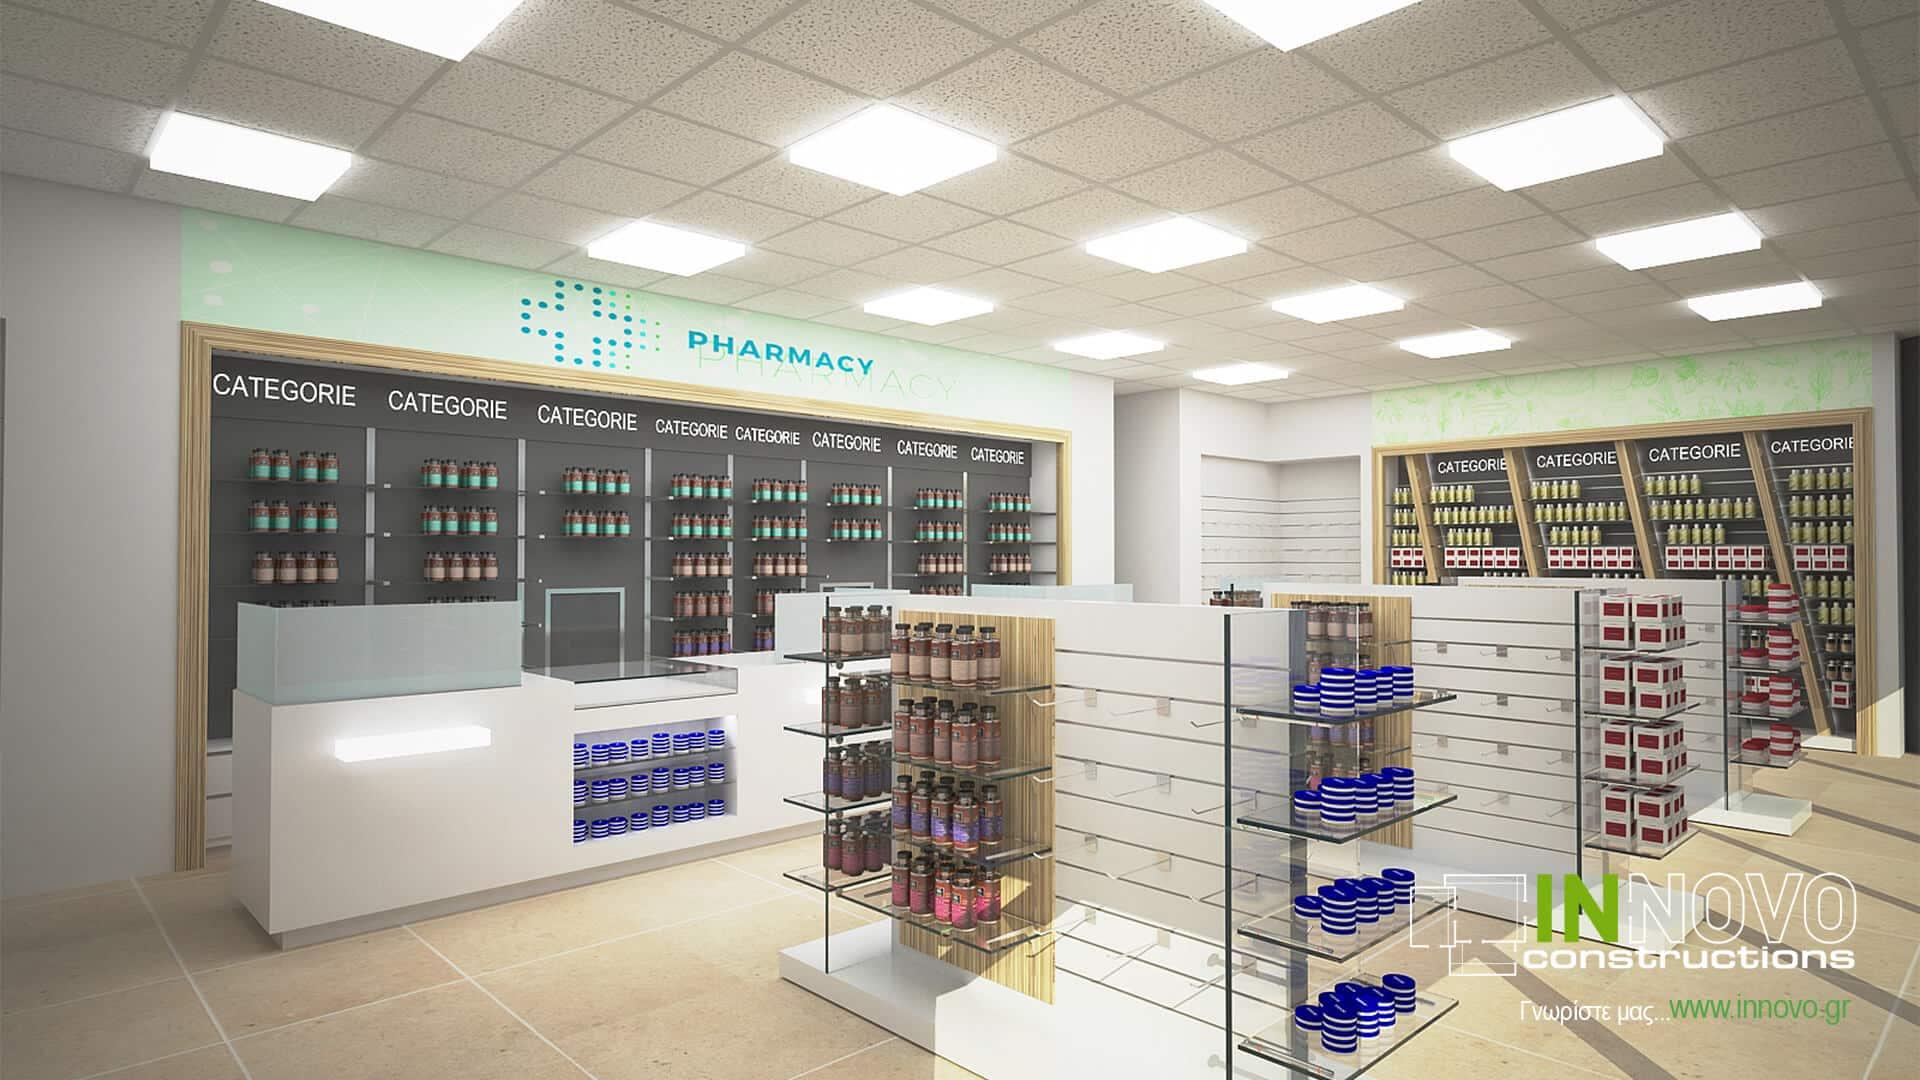 Μελέτη ανακαίνισης φαρμακείου στη Γερμανία από την Innovo